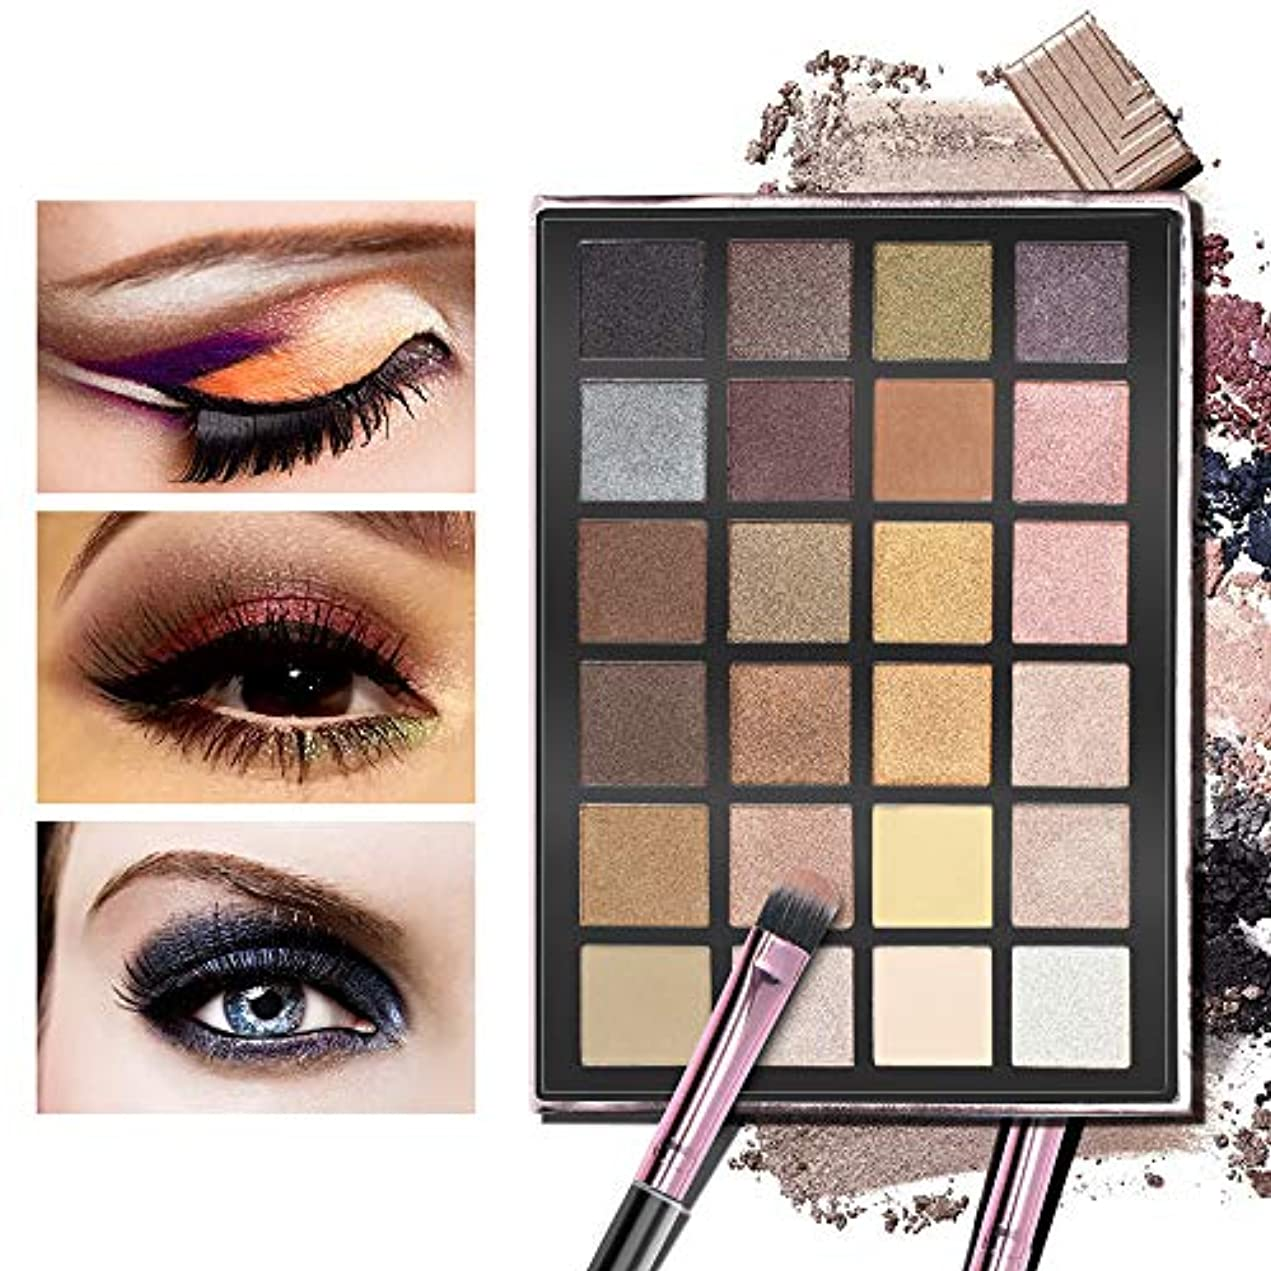 Akane アイシャドウパレット ANYLADY 人気 ファッション ゴージャス 綺麗 欧米風 日本人肌に合う マット つや消し 持ち便利 Eye Shadow (24色)